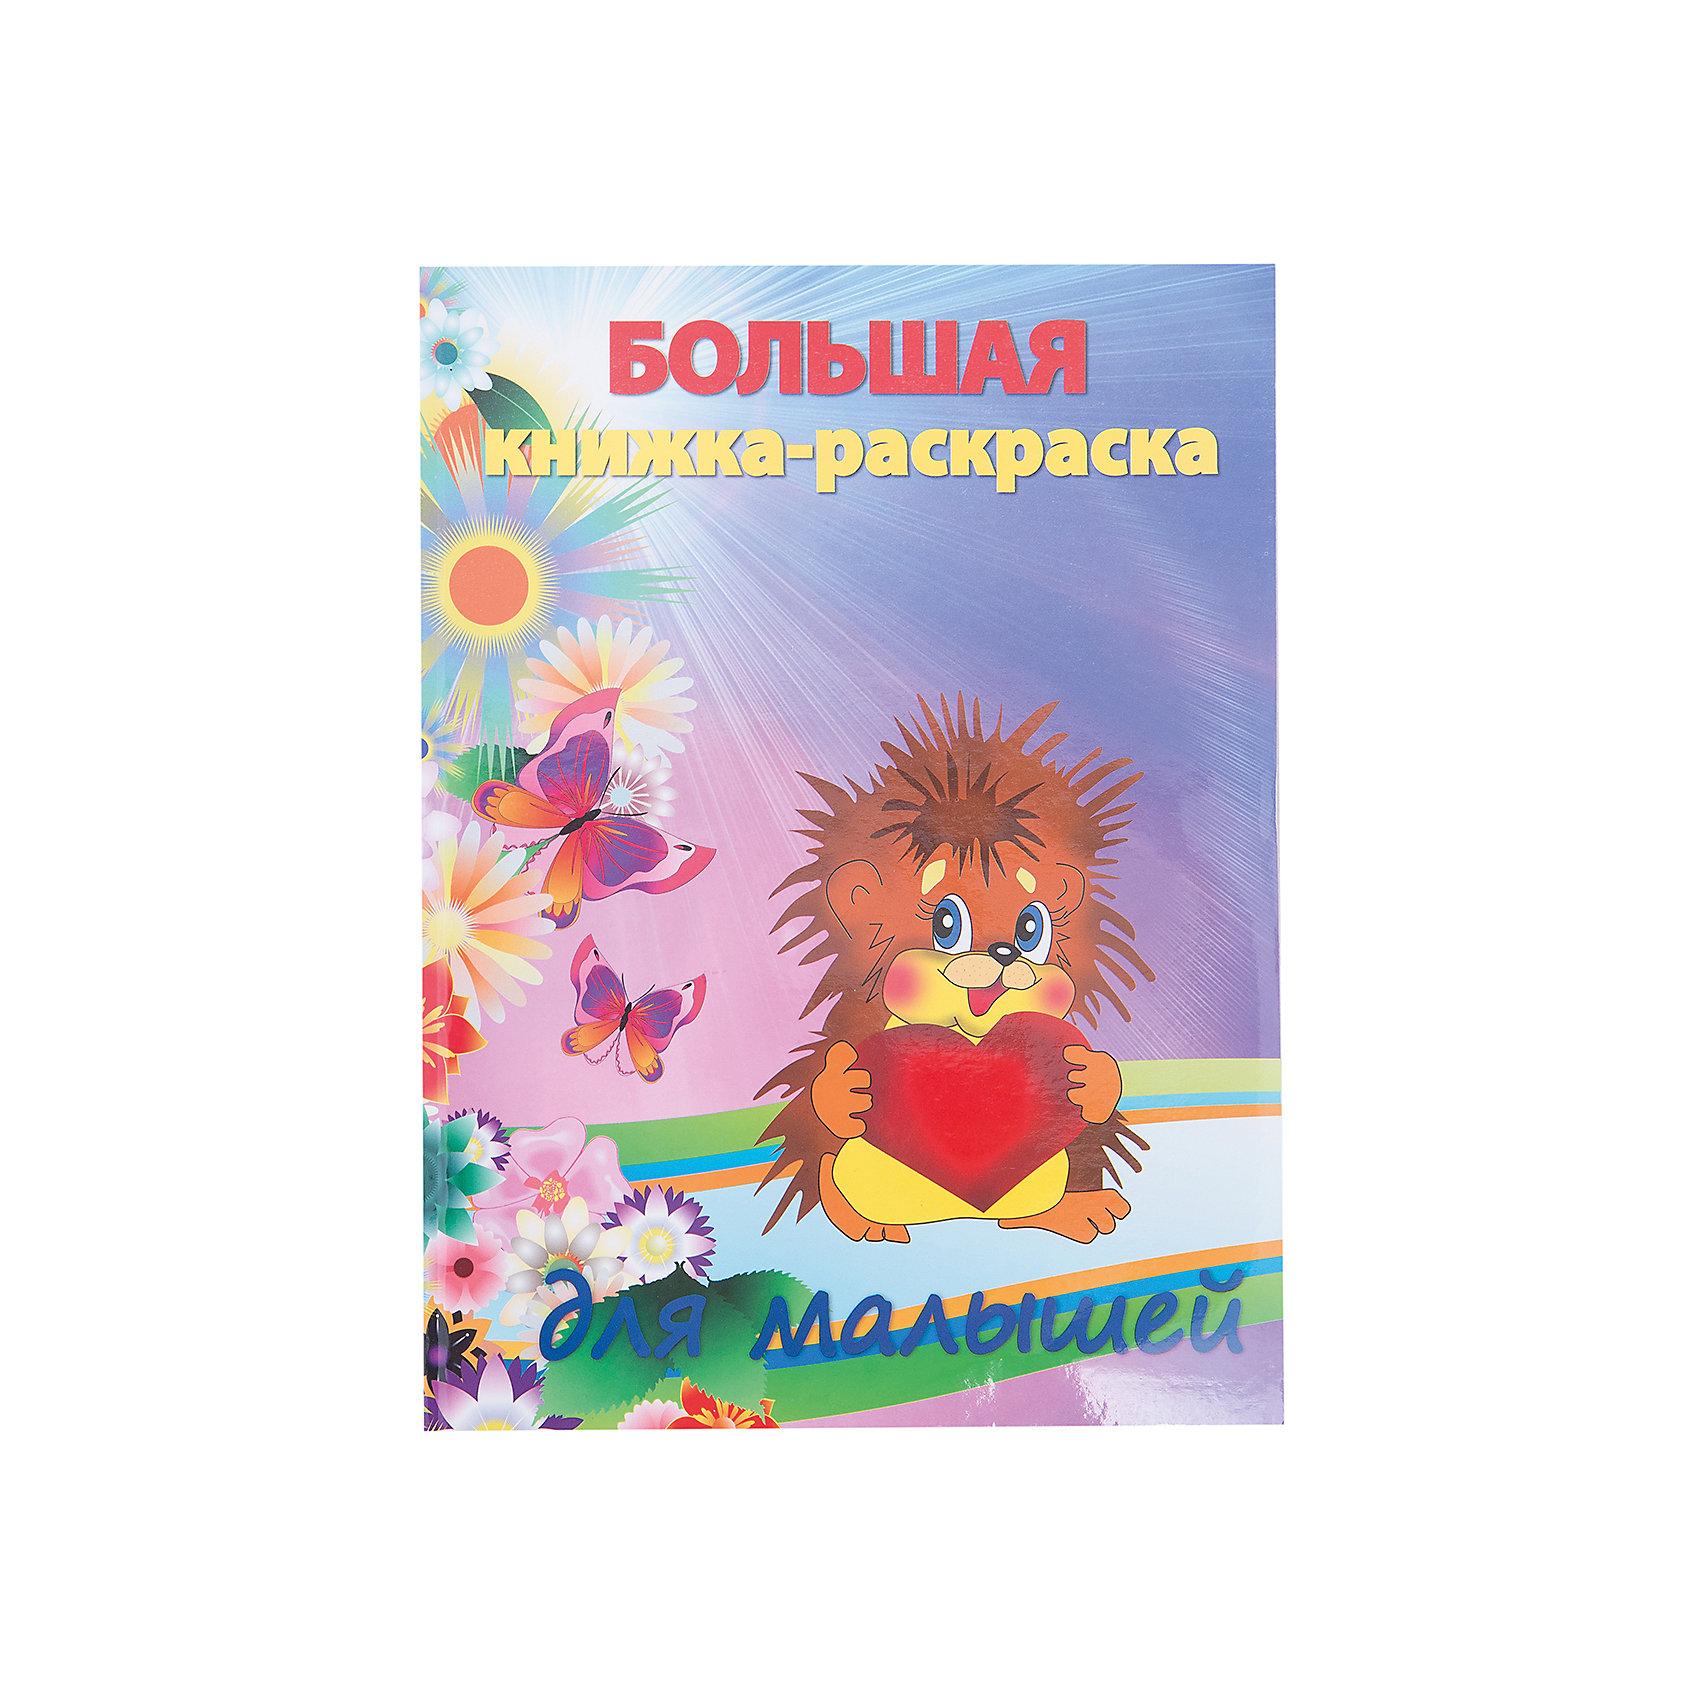 Большая книжка-раскраска для малышей А4, 96 страниц